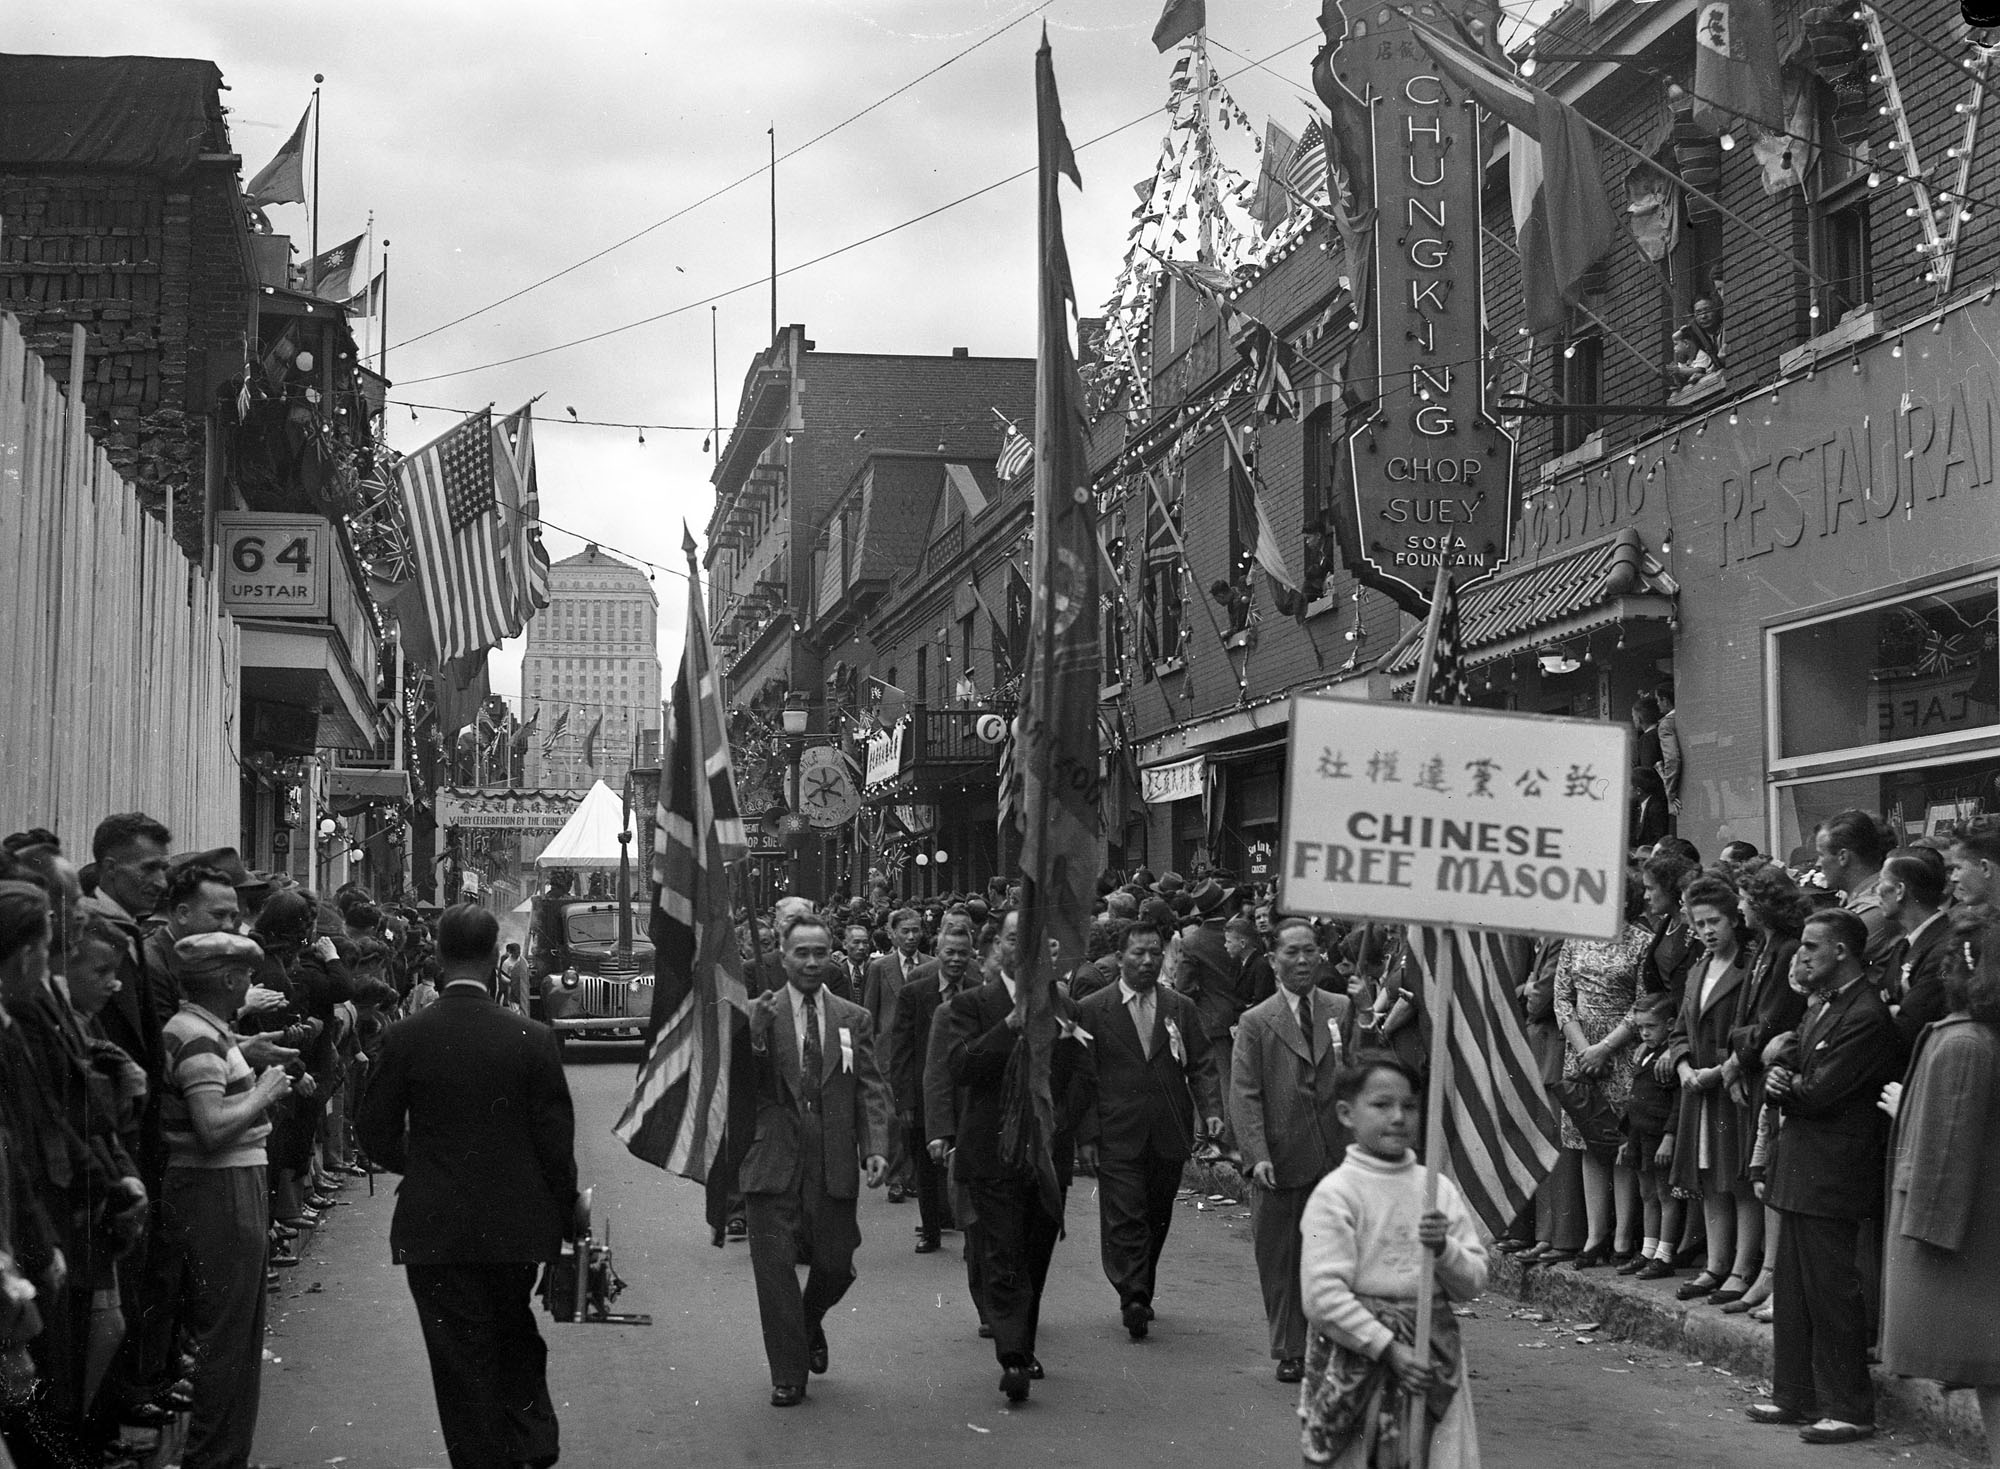 Le 2 septembre 1945, le défilé de la Victoire parade sur la rue De La Gauchetière Ouest dans le Chinatown. En avant-plan, un petit garçon porte une pancarte de l'association Chinese Free Mason.